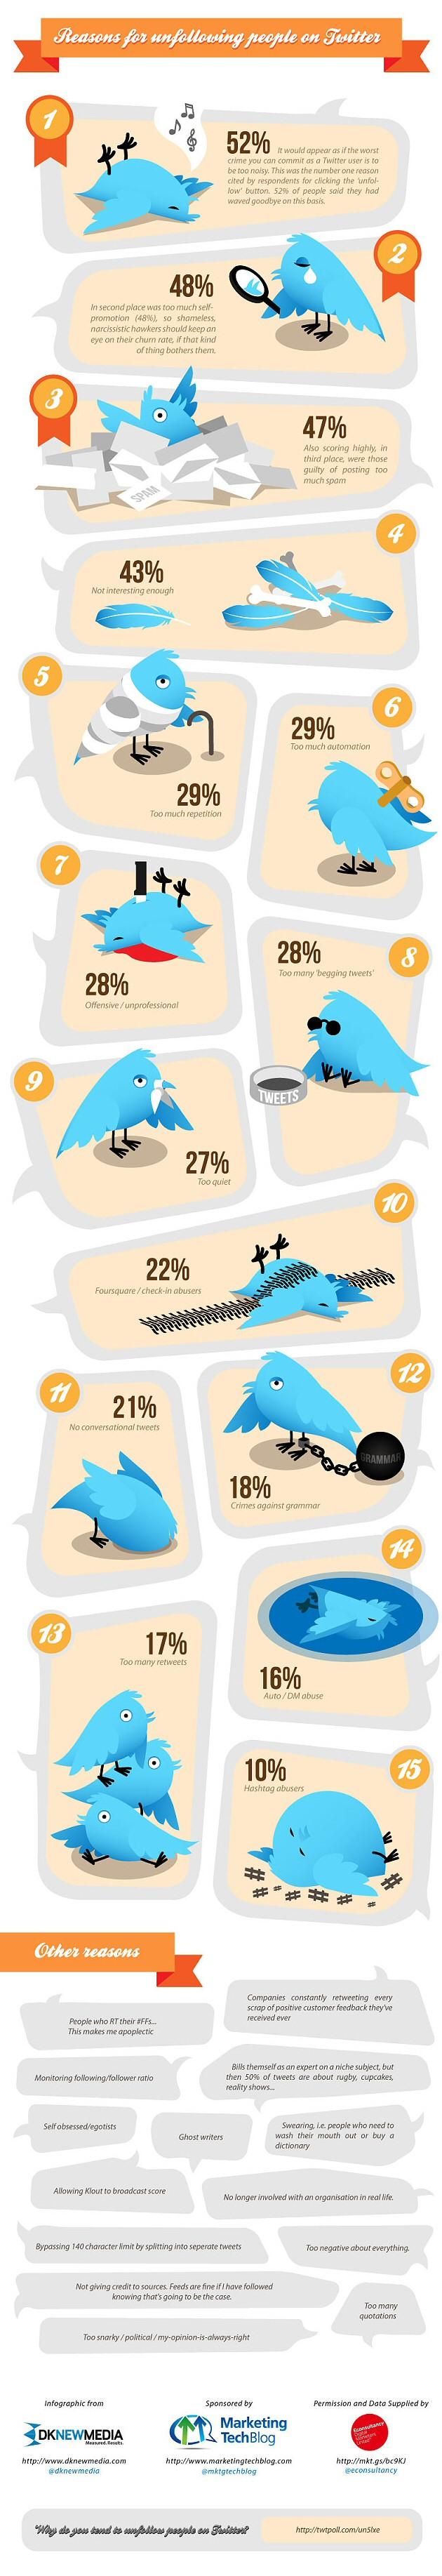 15 razones por las que te hacen unfollow en twitter